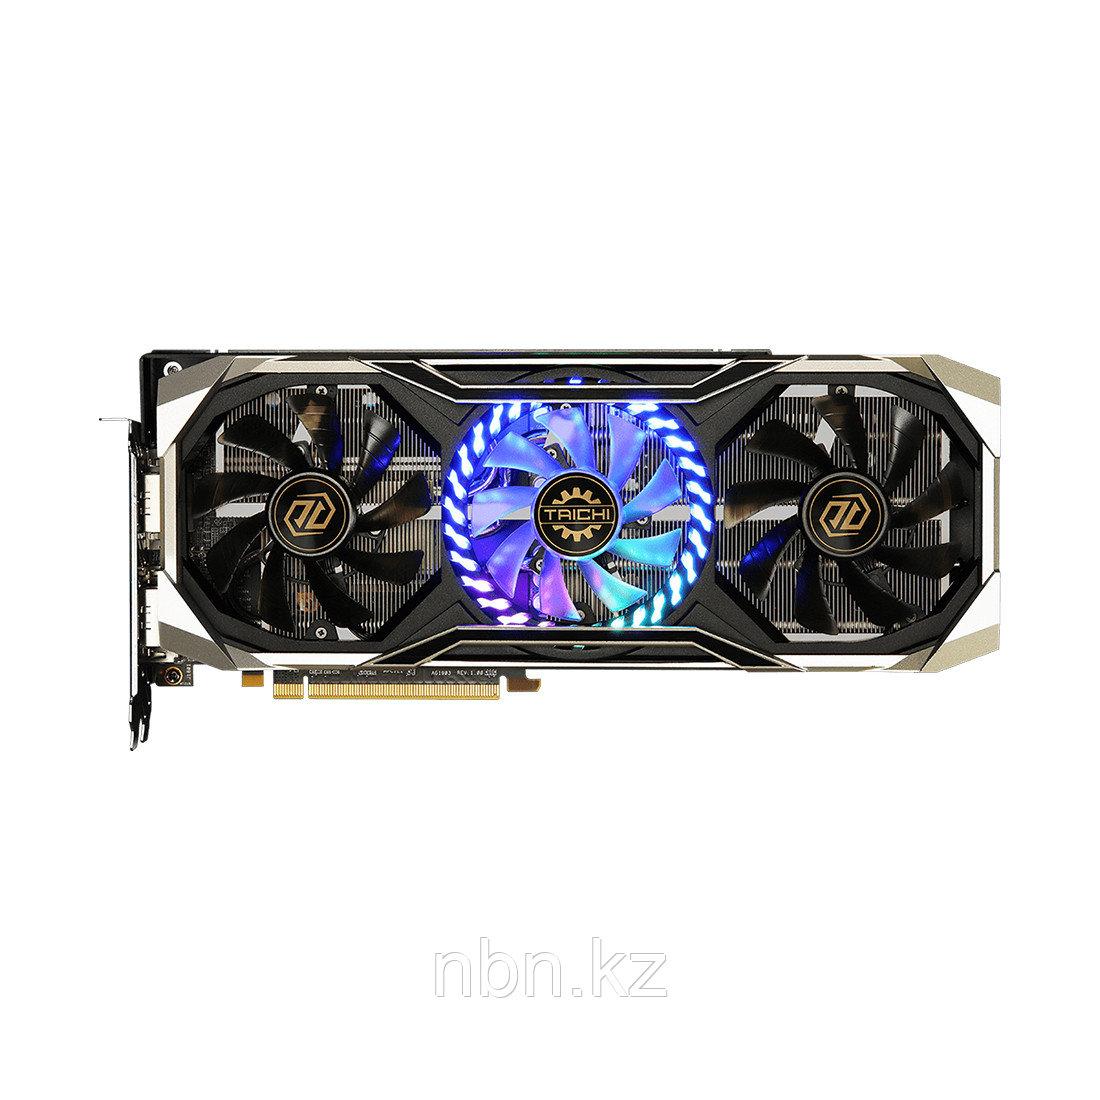 Видеокарта ASRock Radeon RX5700XT TCX 8GP